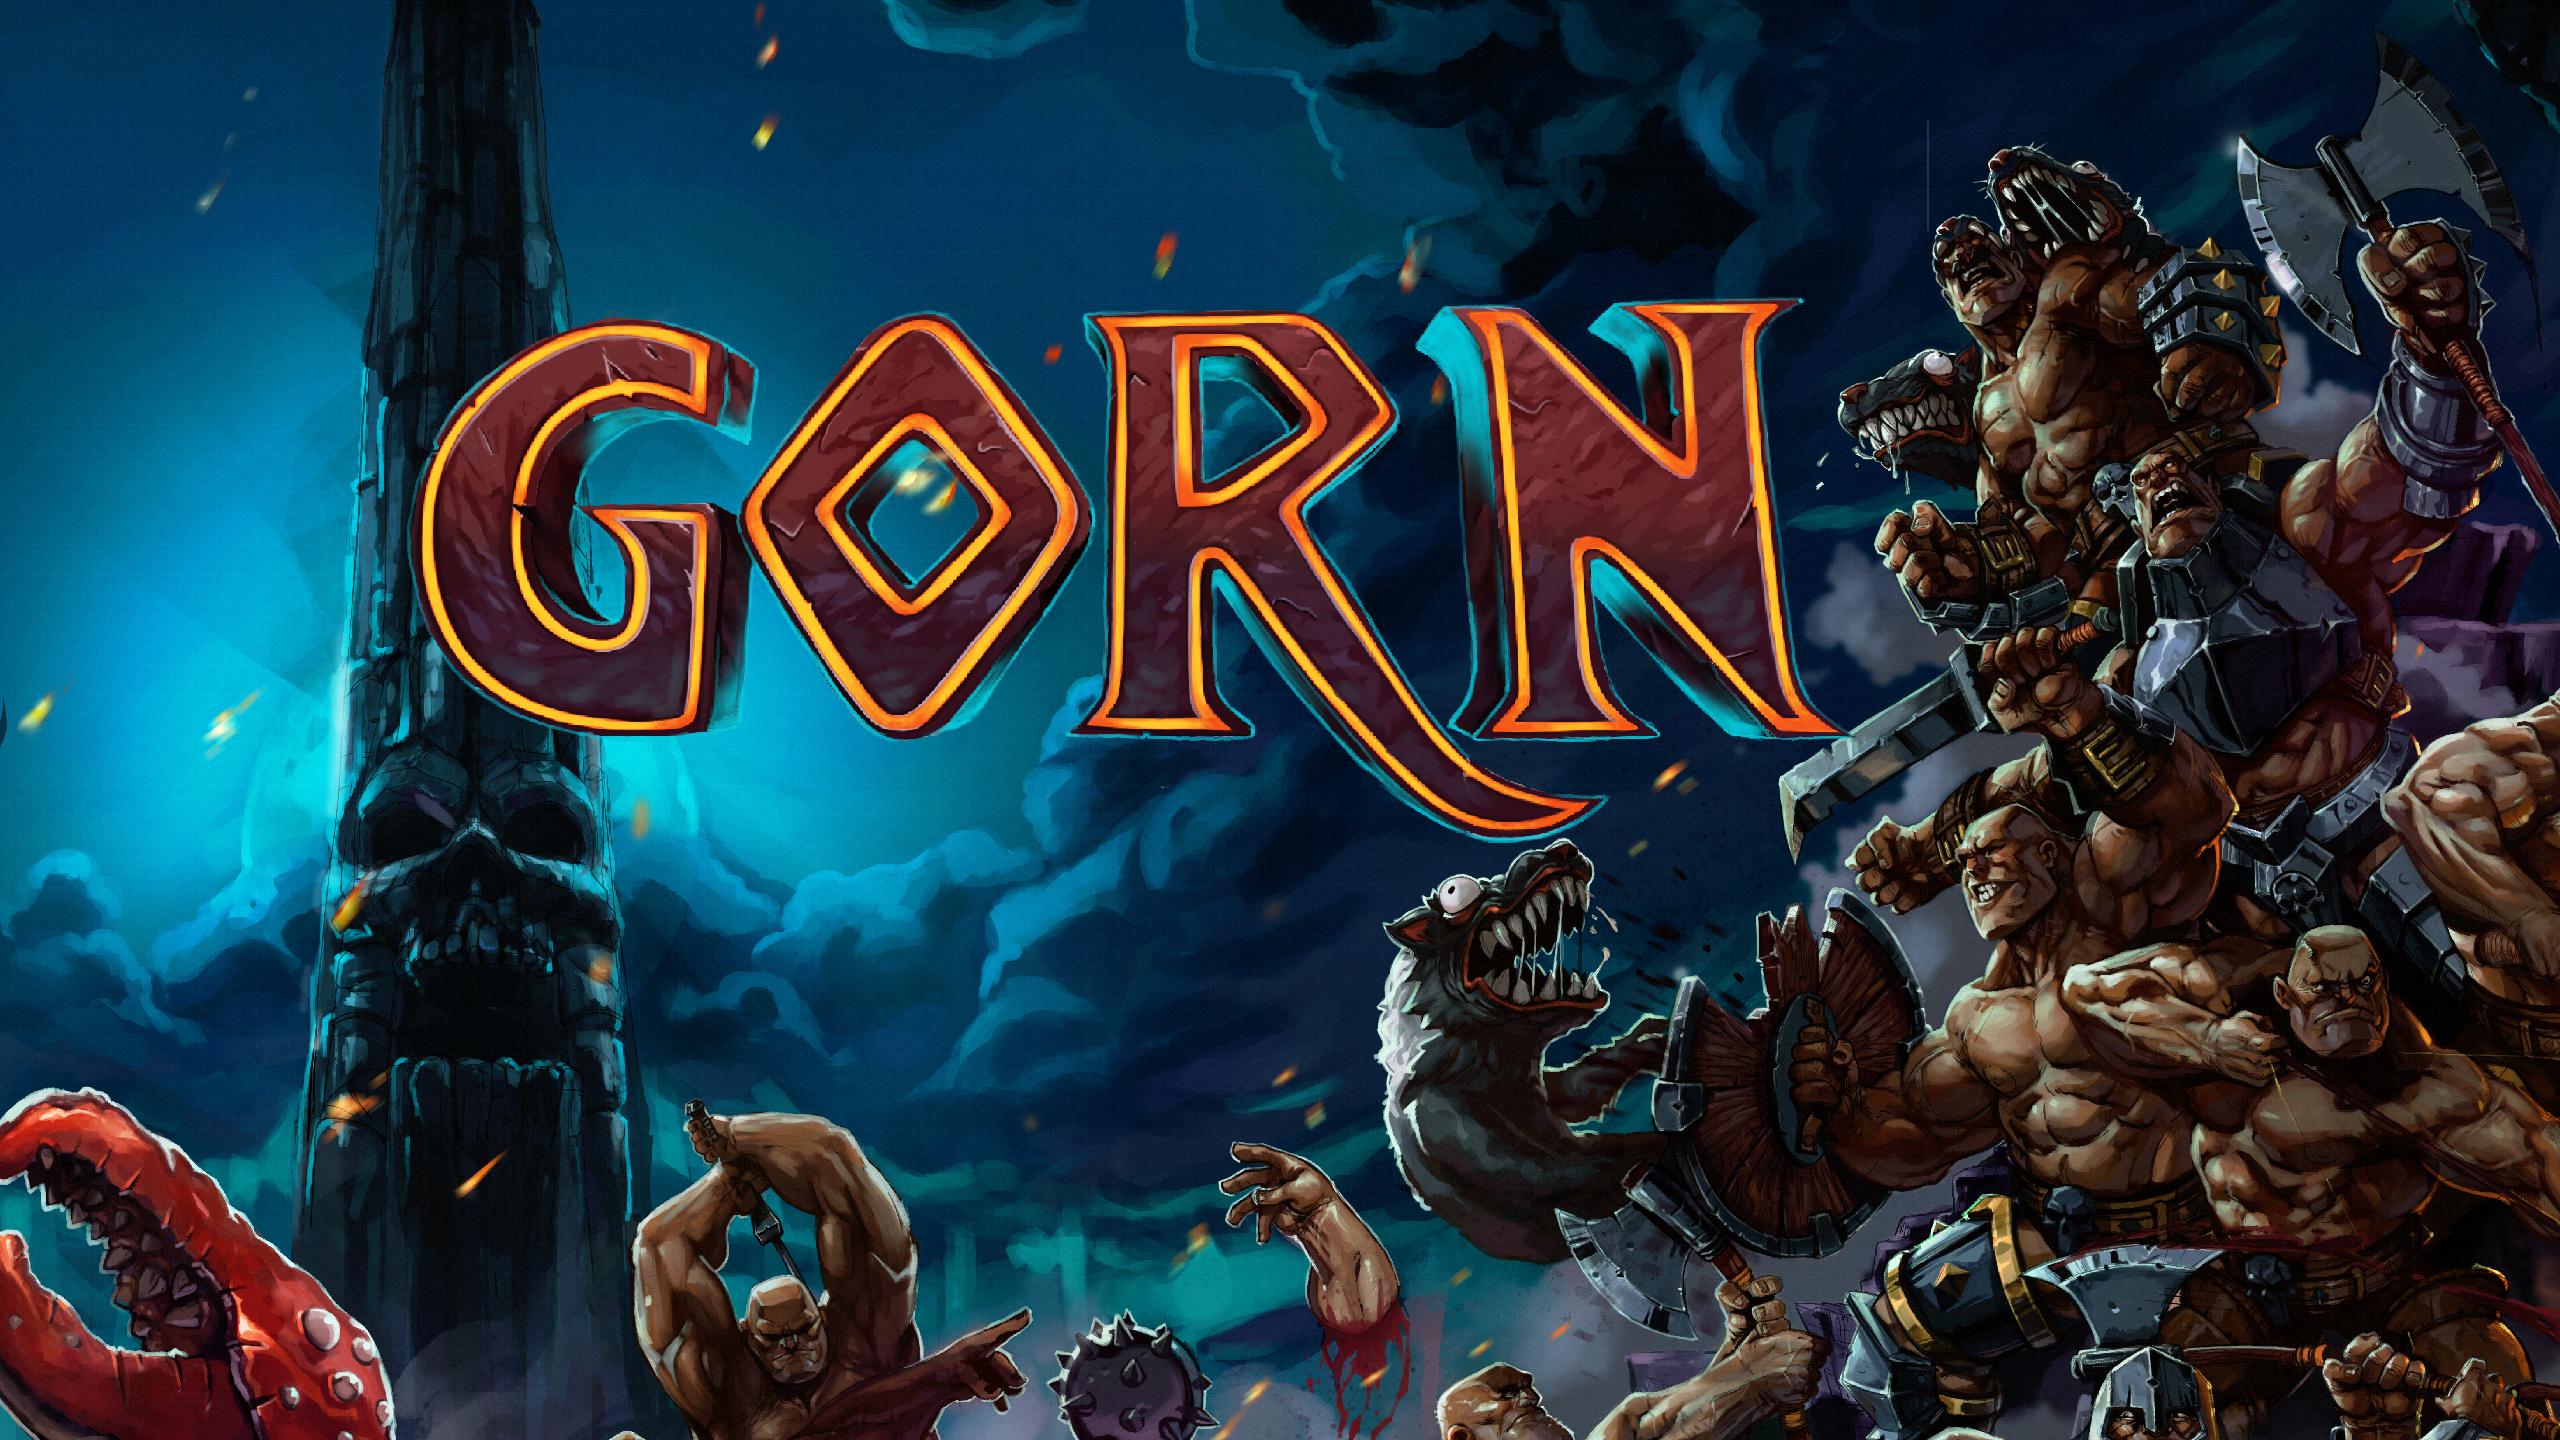 Copertina del gioco GORN, con gladiatori e bestie